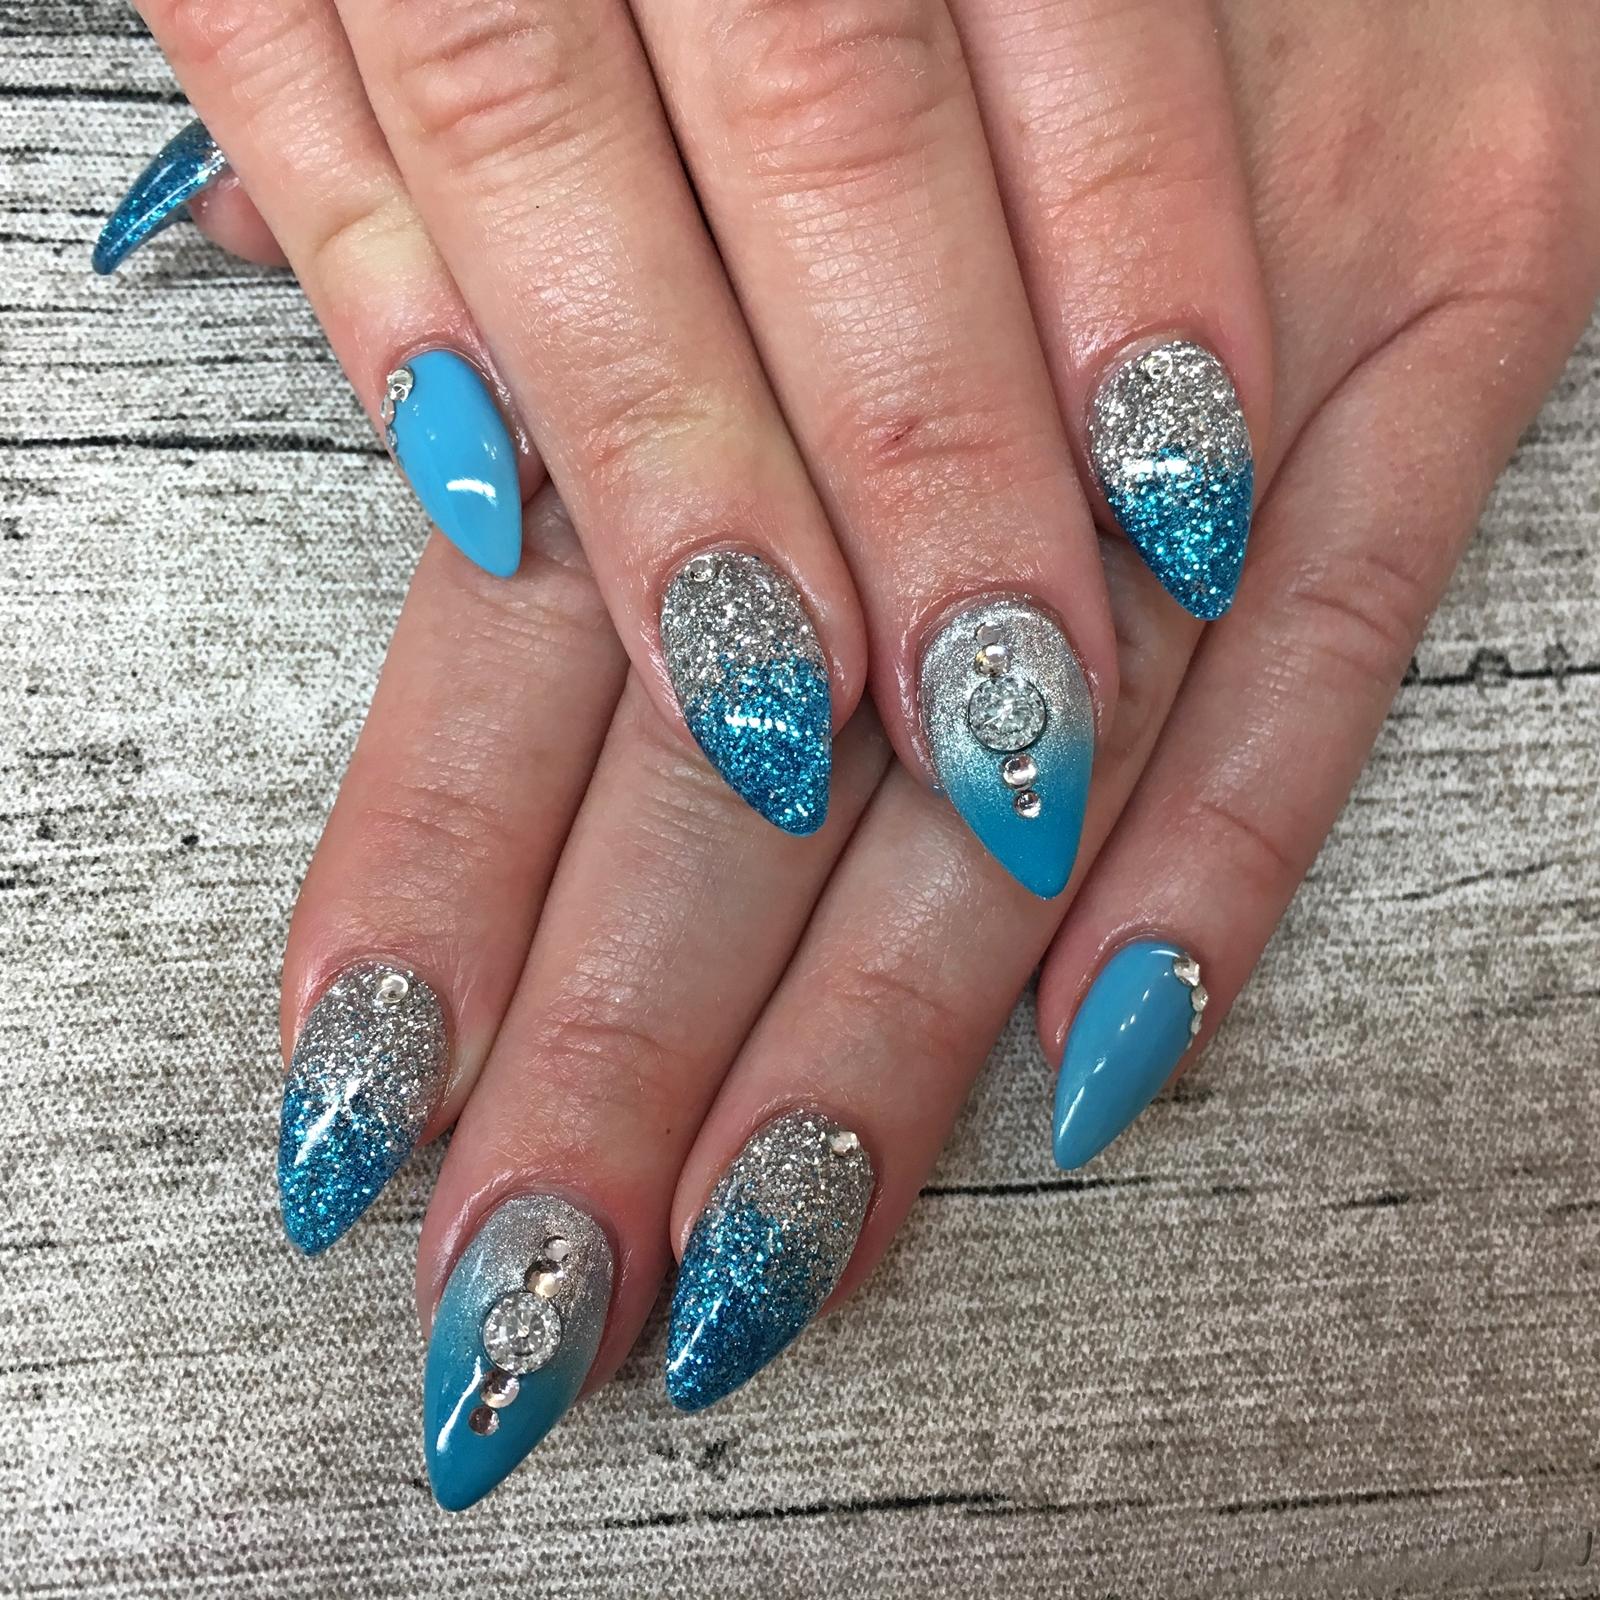 Nail Art Inspiration Spring Summer - Nageldesign für den Sommer - Nageldesign mit Glitzer und Nail Overlay - Nägel auffällig gestalten - Fashionladyloves by Tamara Wagner